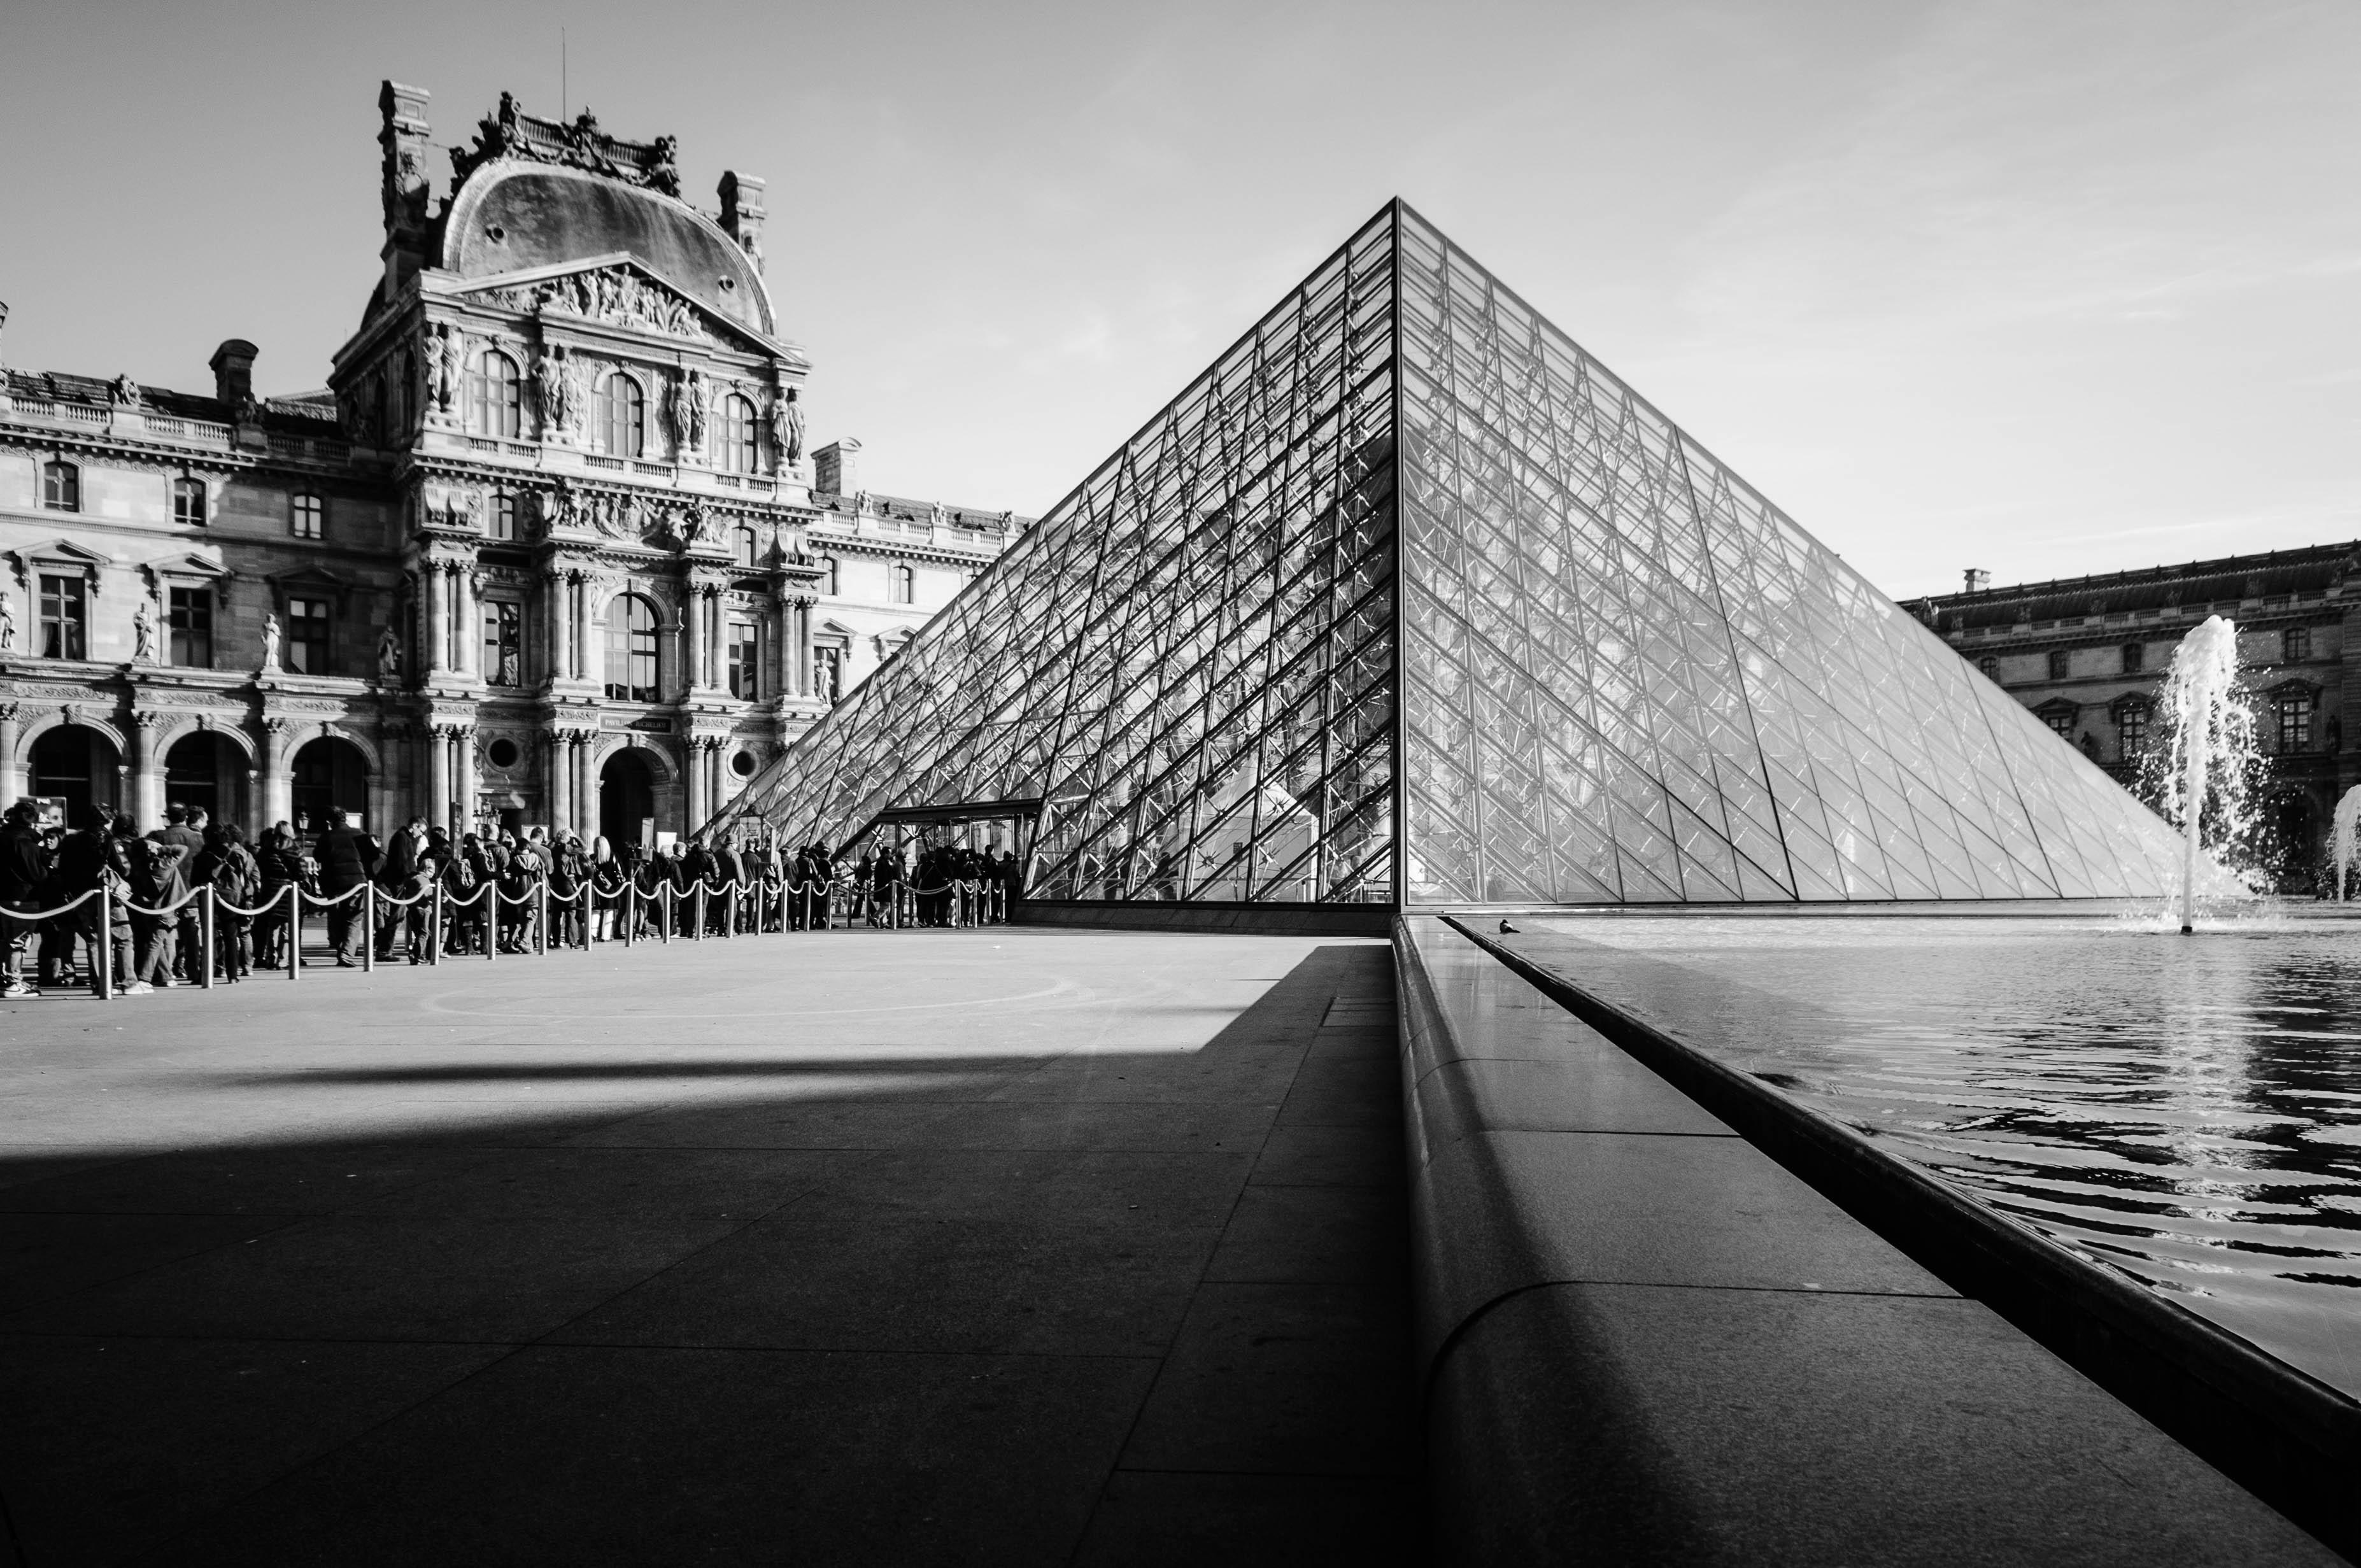 france louvre pyramid paris architecture glass building landmark facade skyscraper monochrome architect cityscape monument symmetry shape land supreme court law